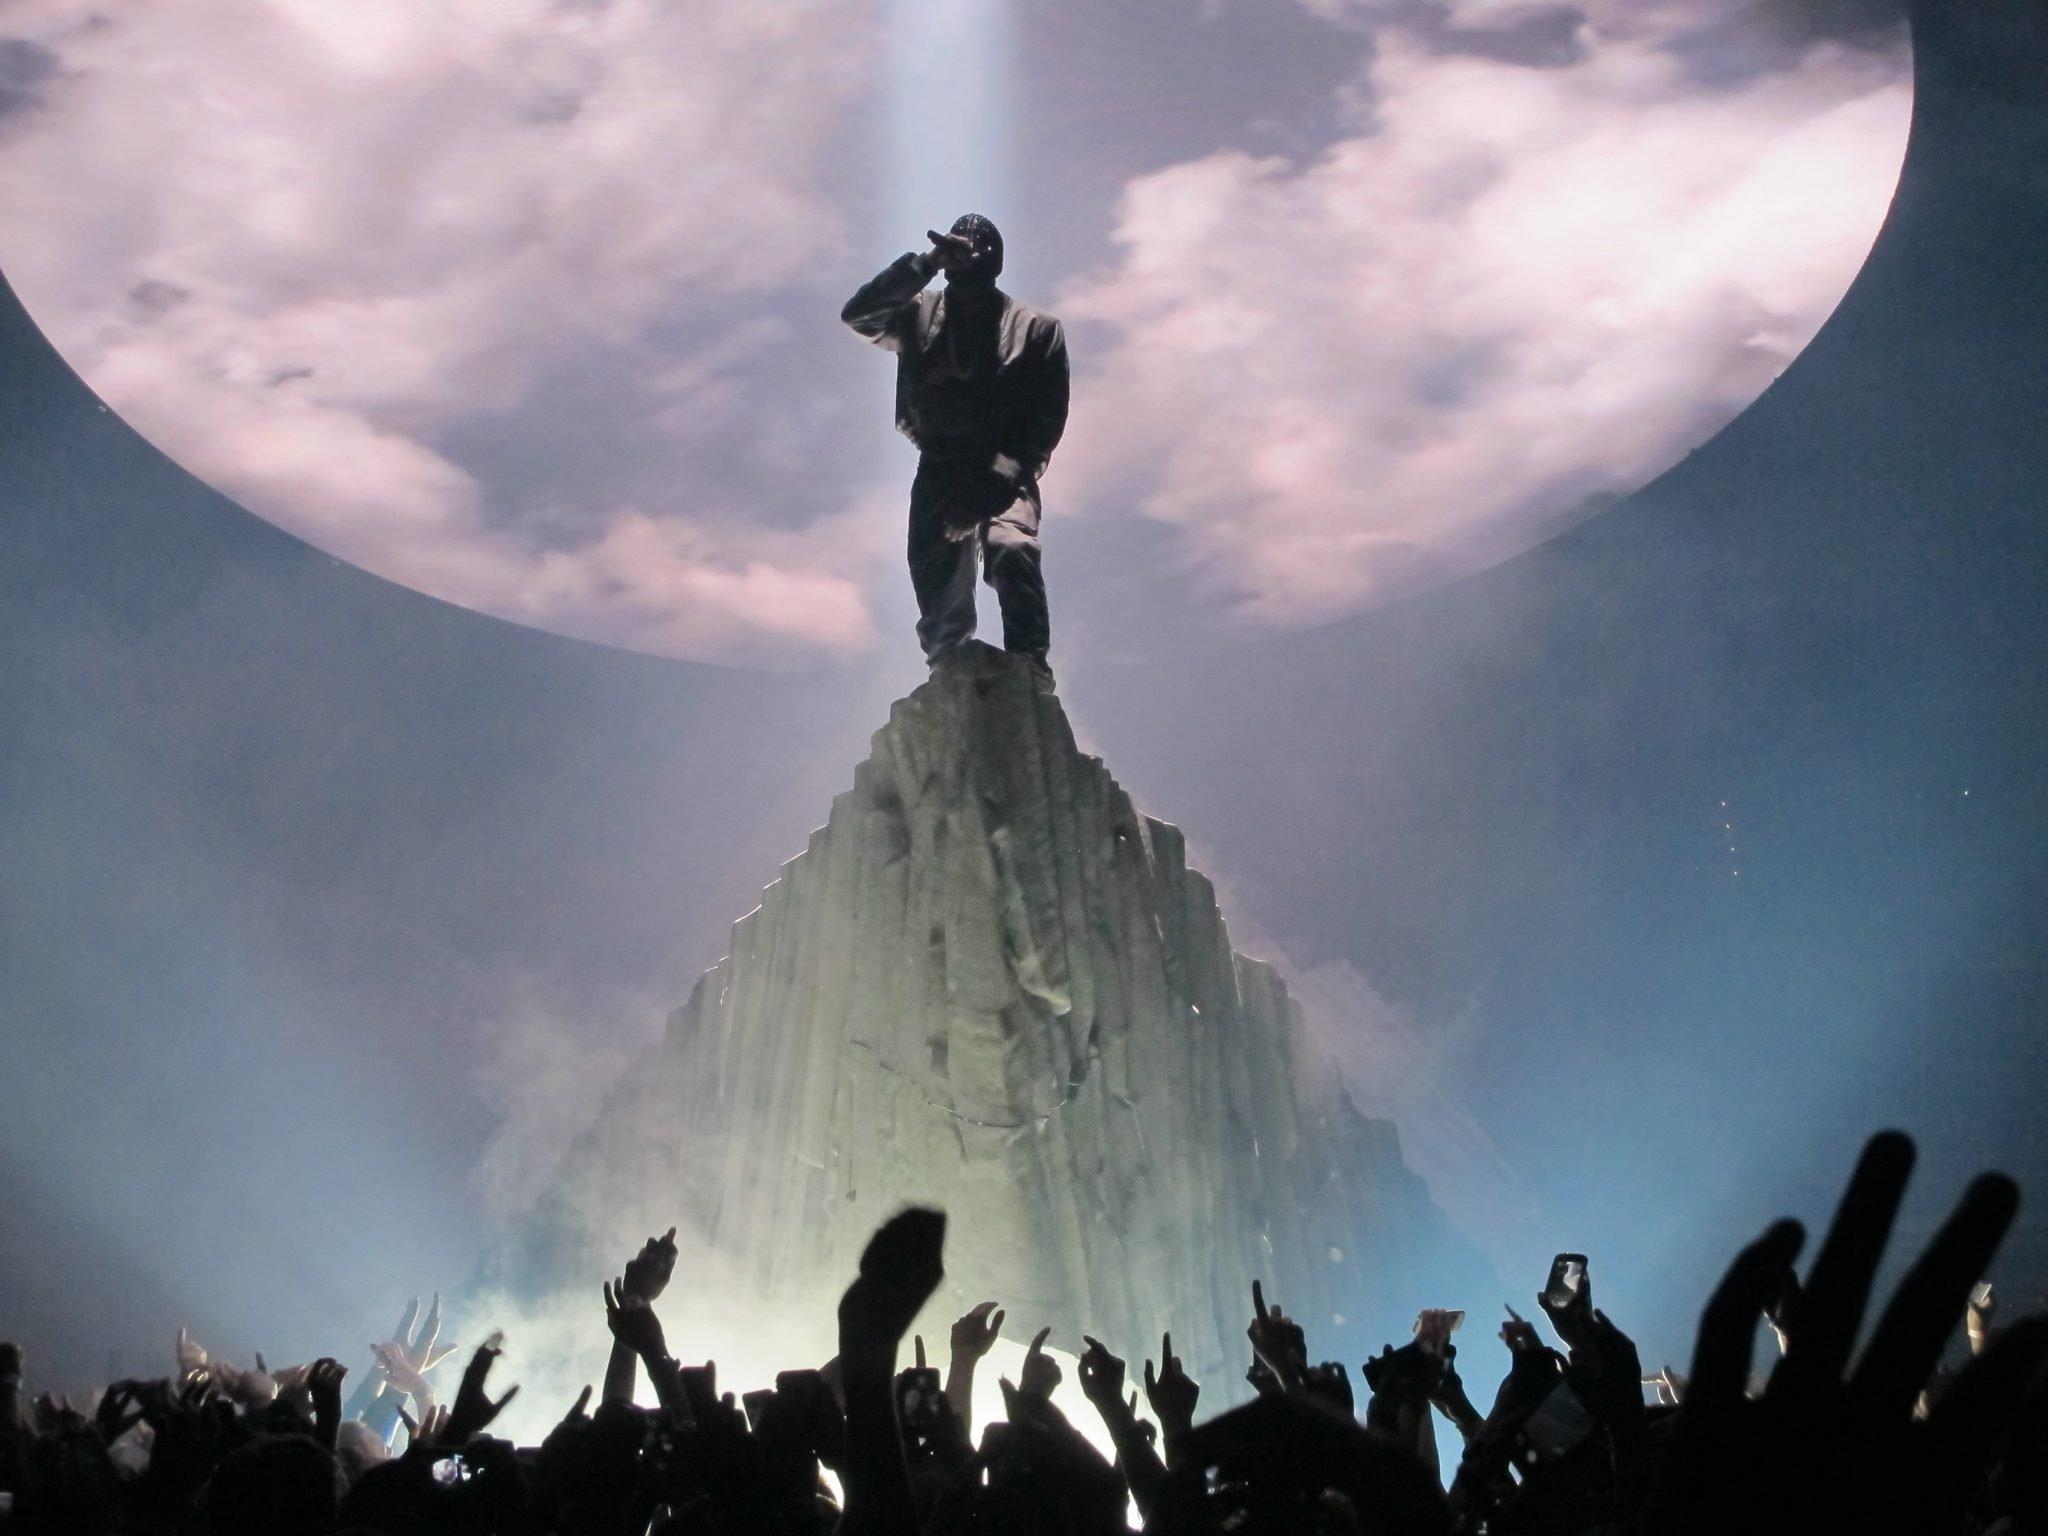 Kanye West Yeezus Tour - Lightborne Communications Kanye West Yeezus Concert